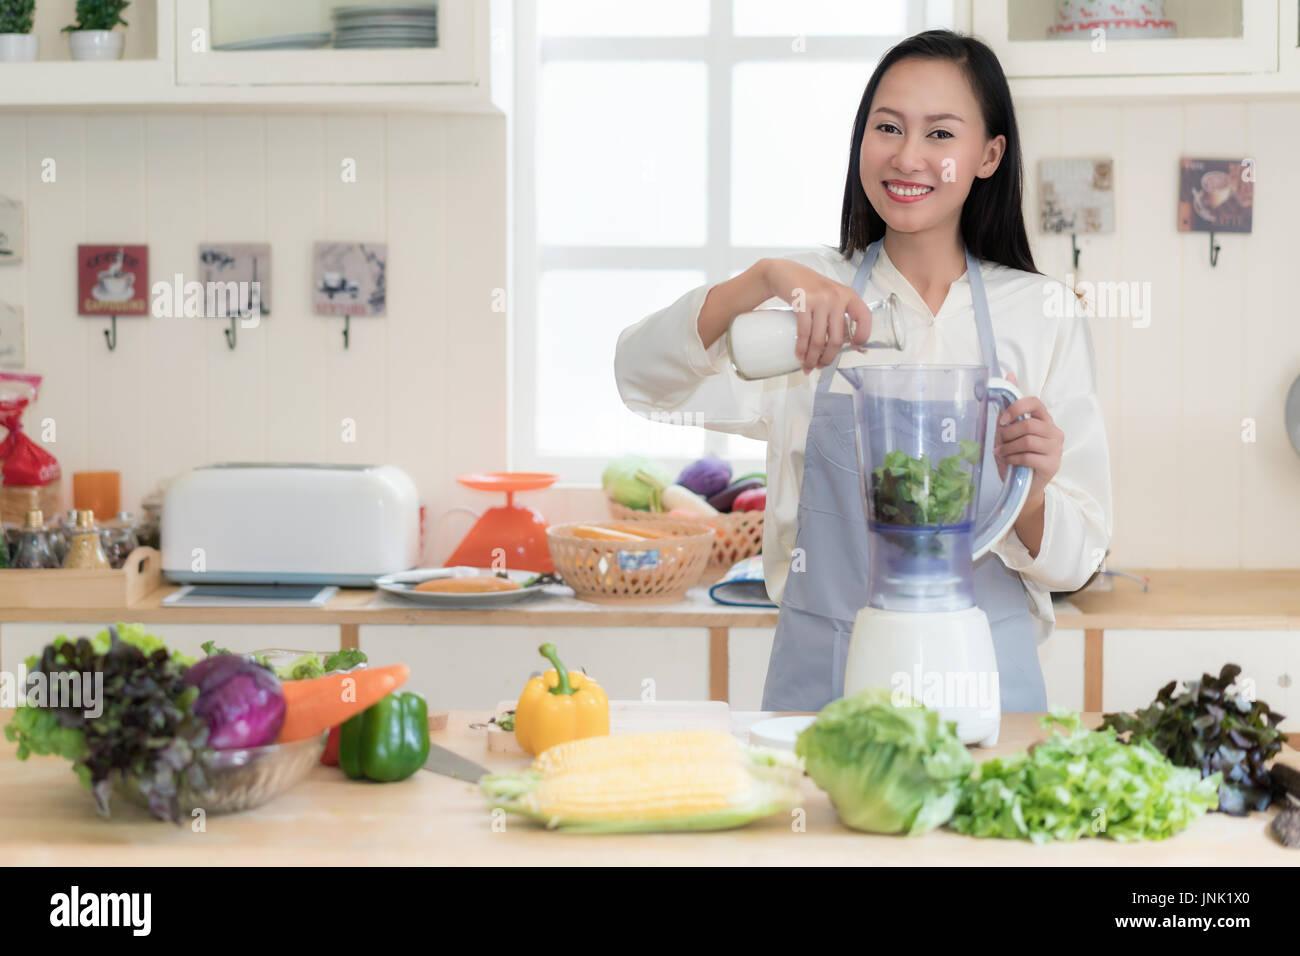 Gemüse-Smoothie. Asiatin macht grüne Smoothies mit Blender zu Hause in der Küche. Gesunden roh essen Lifestyle Konzept Porträt von schöne junge Stockbild